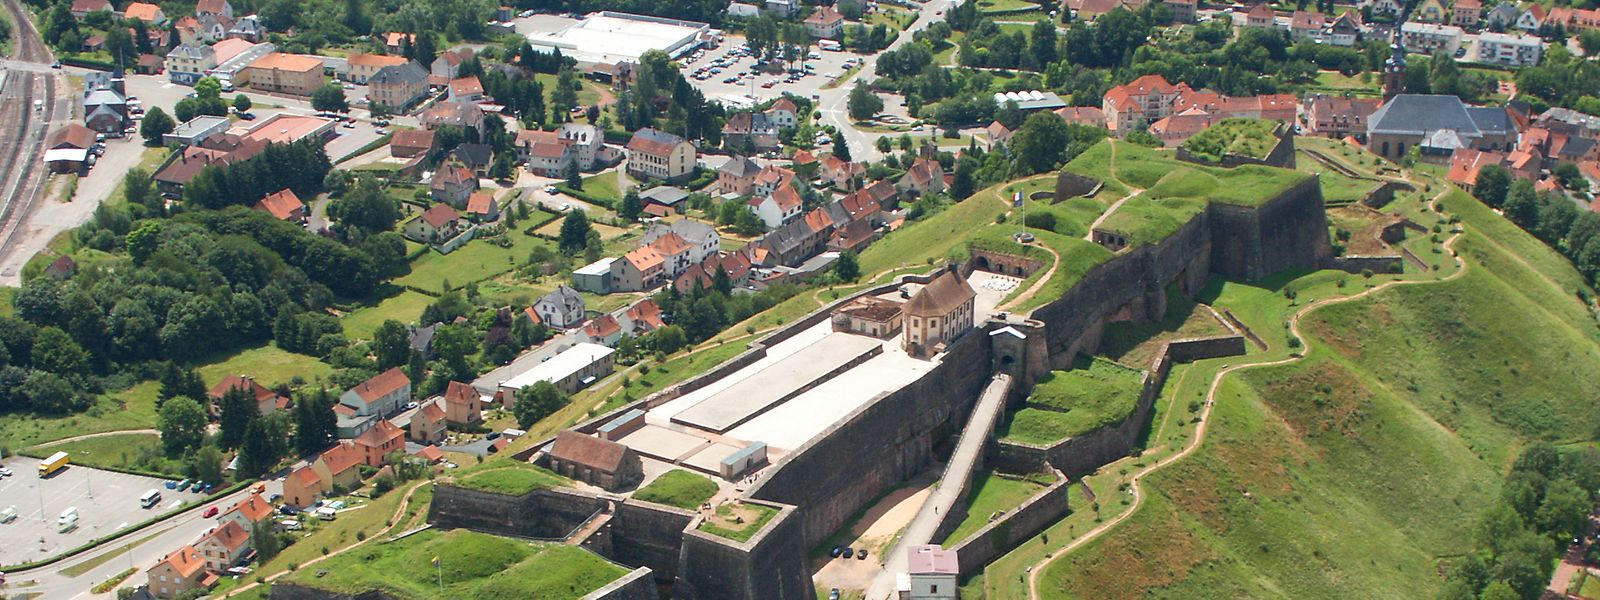 Komplett Facebook-konform: die Citadelle de Bitche, erbaut von Vauban.